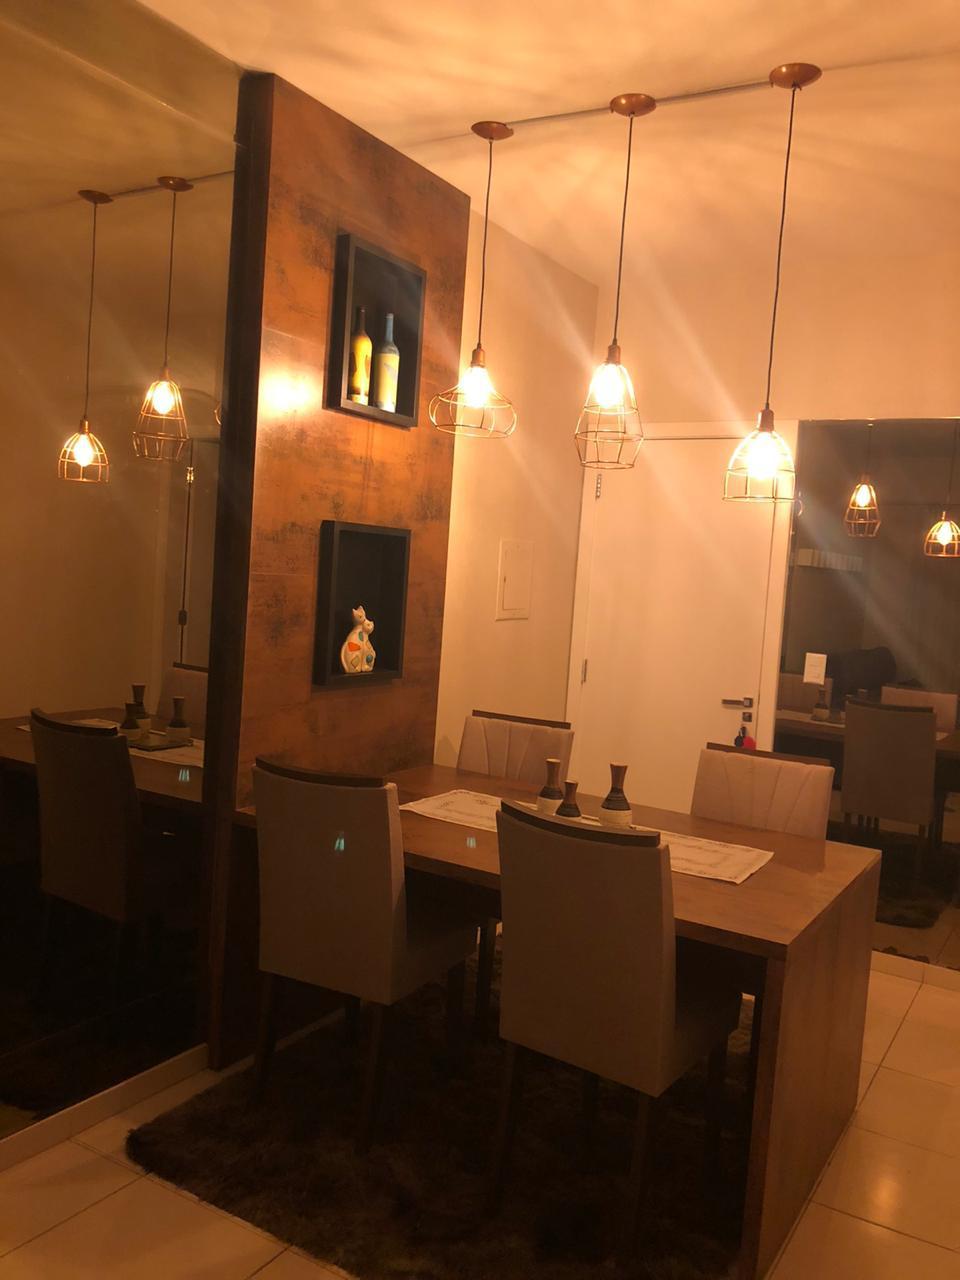 Apartamento à venda,  com 2 quartos sendo 1 suite no Jardim Bom Clima em Cuiabá MT 101 13130